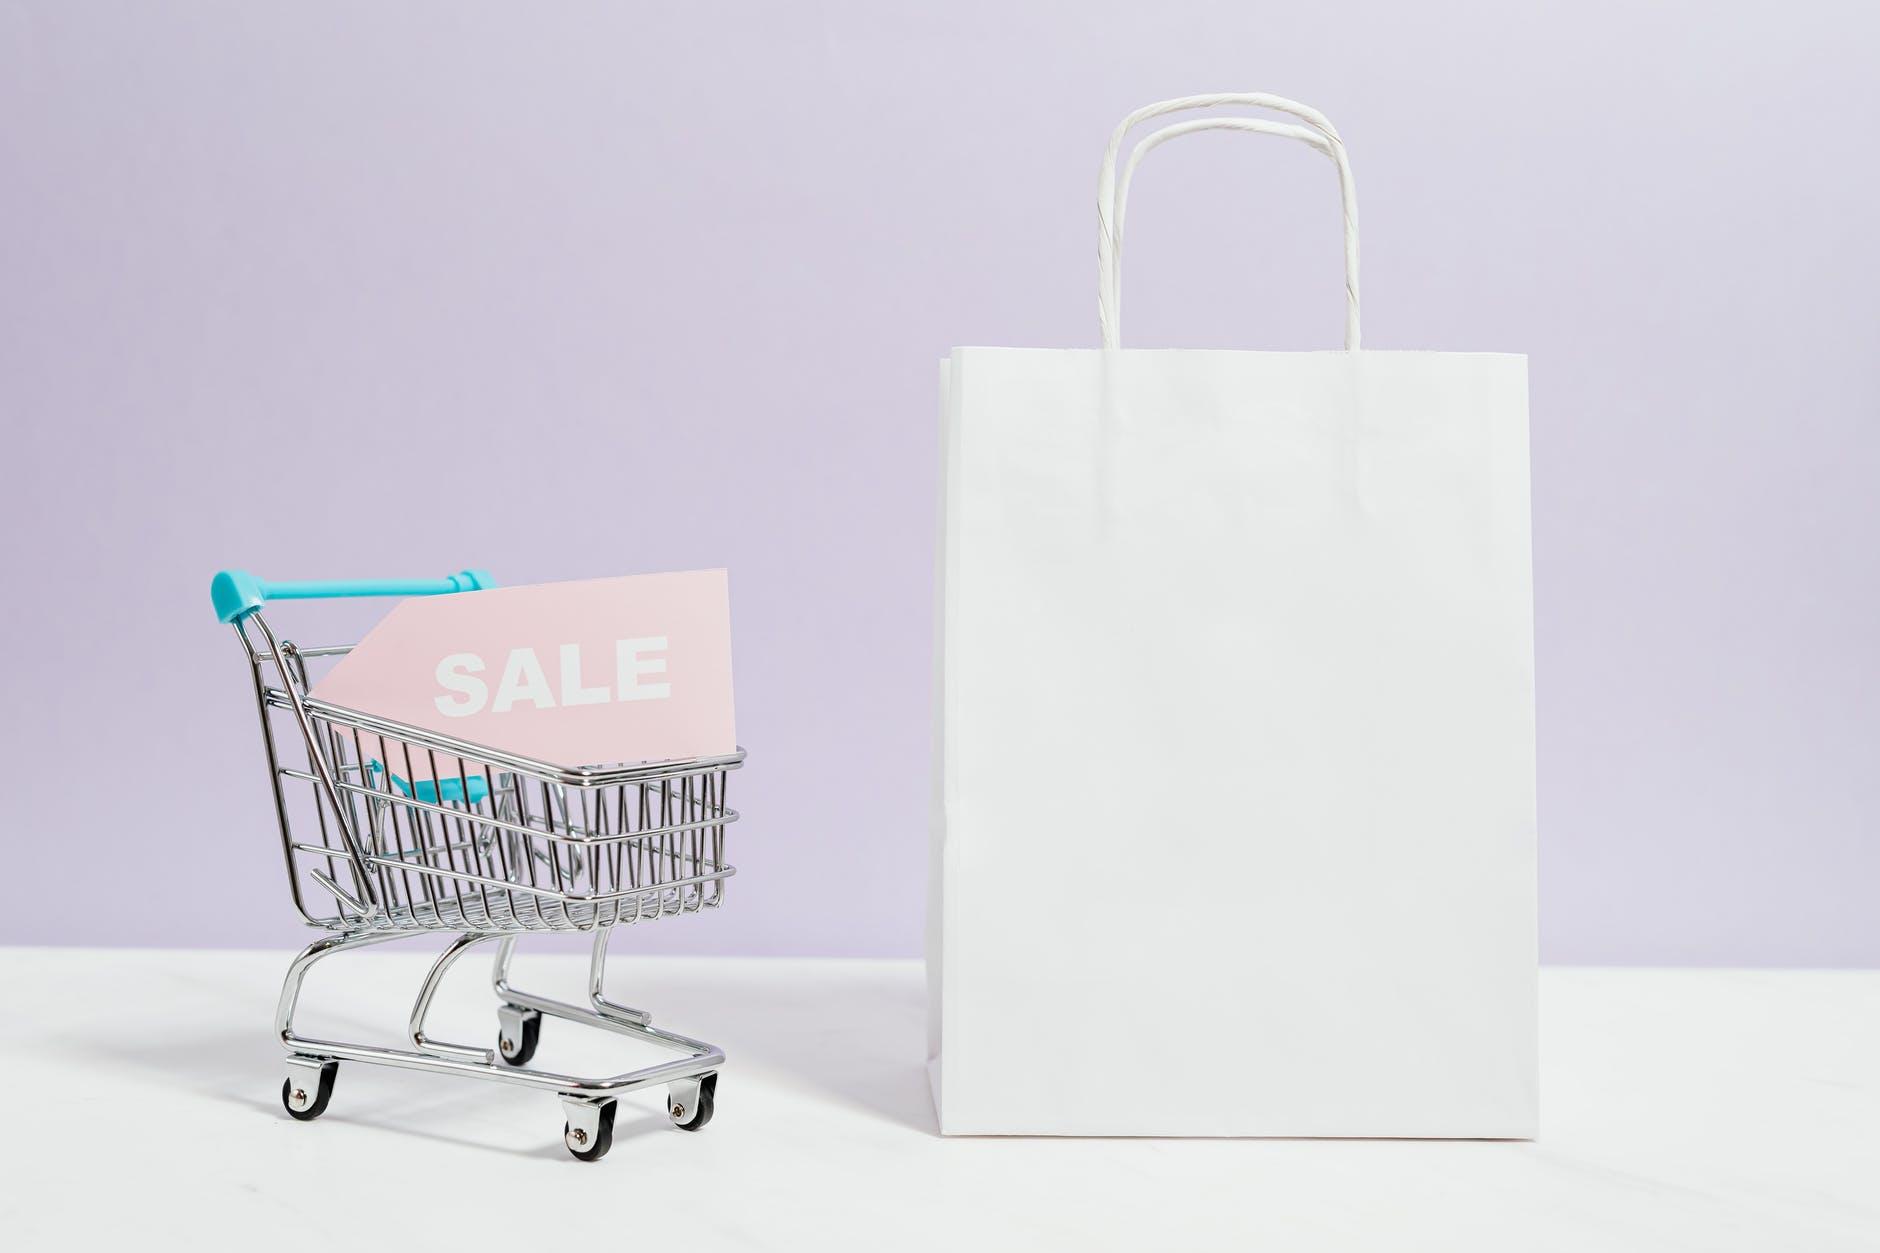 cómo abrir mi tienda en línea